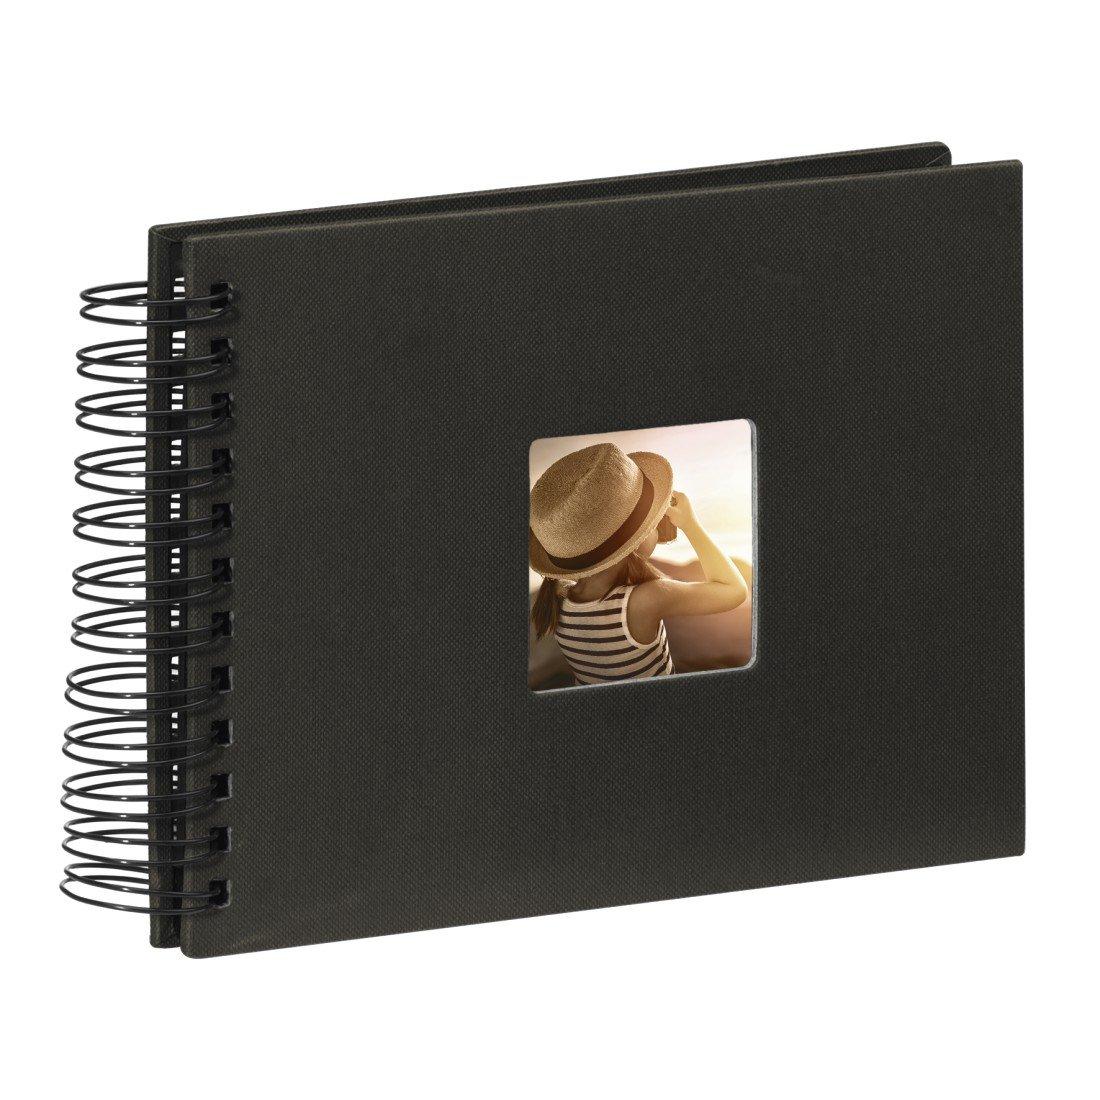 Album photo Fine Art album /à spirales 24 x 17 cm Hama noir 50 pages noires avec d/écoupe pour y mettre une photo 90150 25 pages